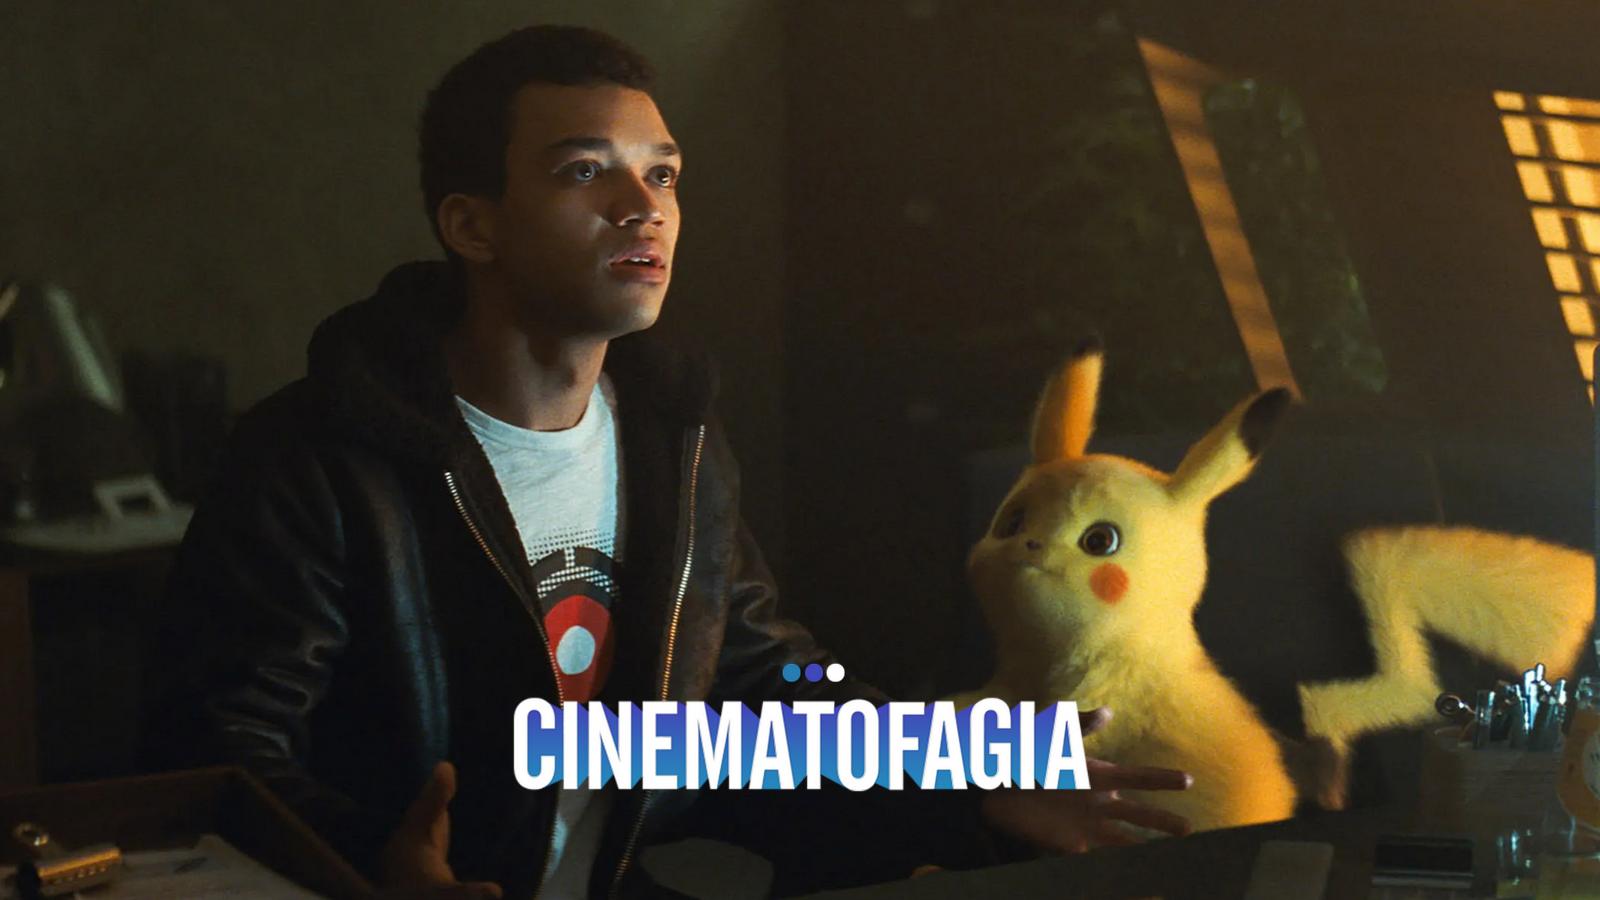 Carregado nas costas pelos pokémons, o filme tem uma requentada trama que só serve como vitrine dos efeitos visuais